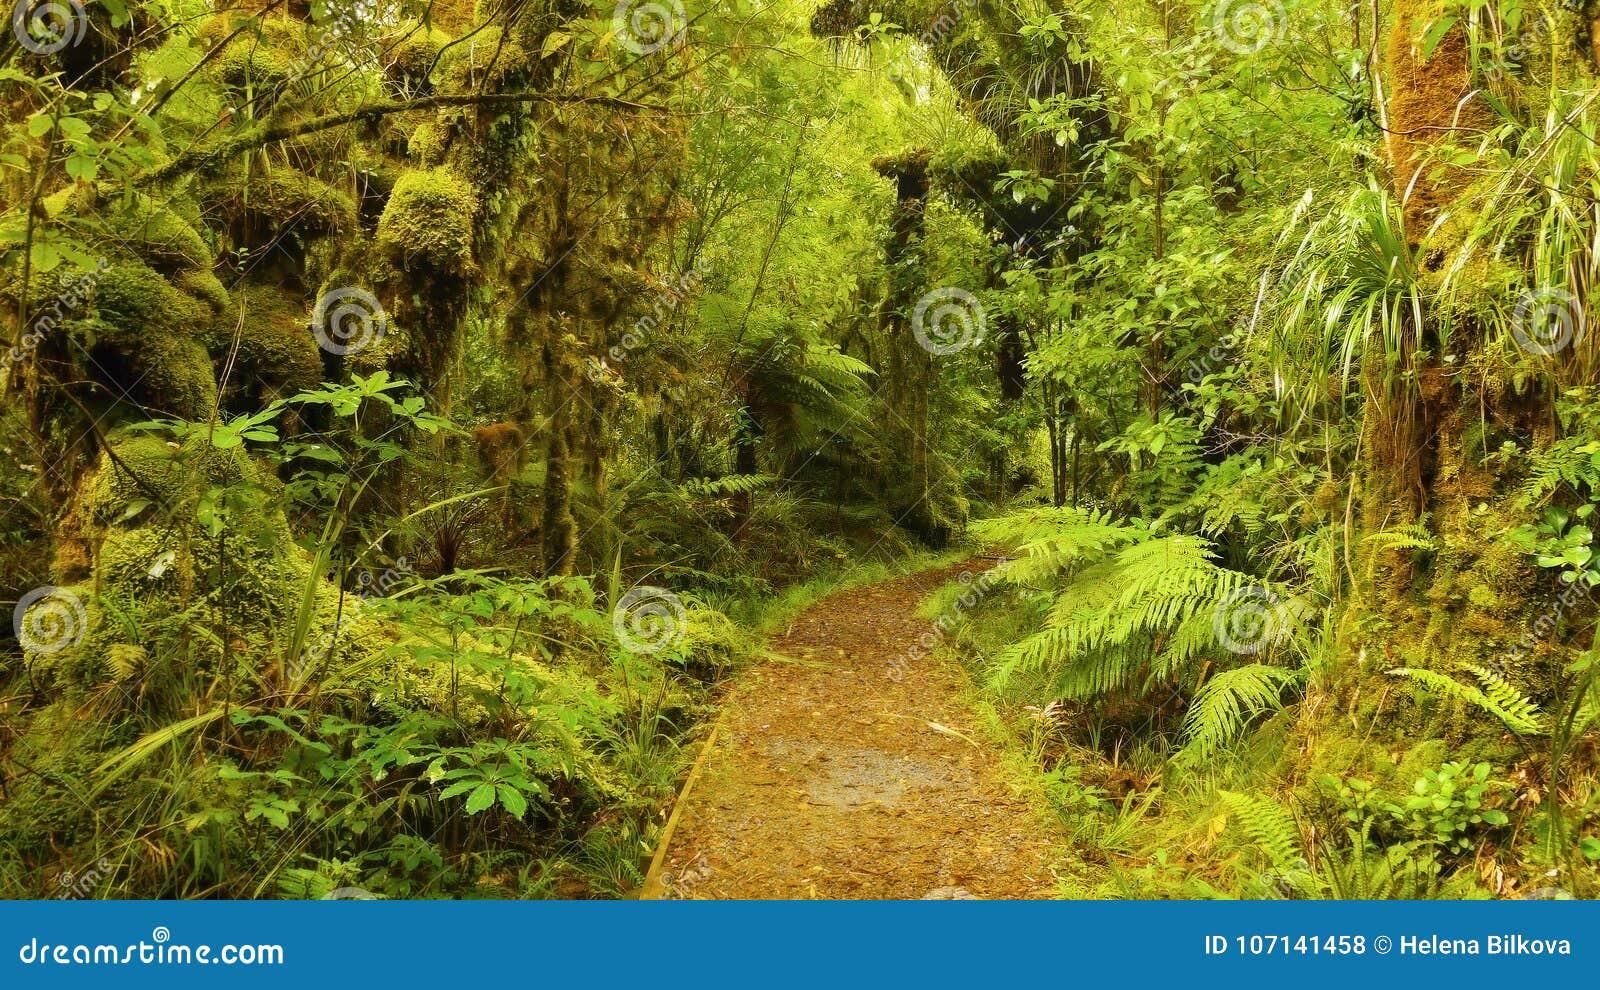 Tropikalny las deszczowy, Olimpijski park narodowy, Waszyngton